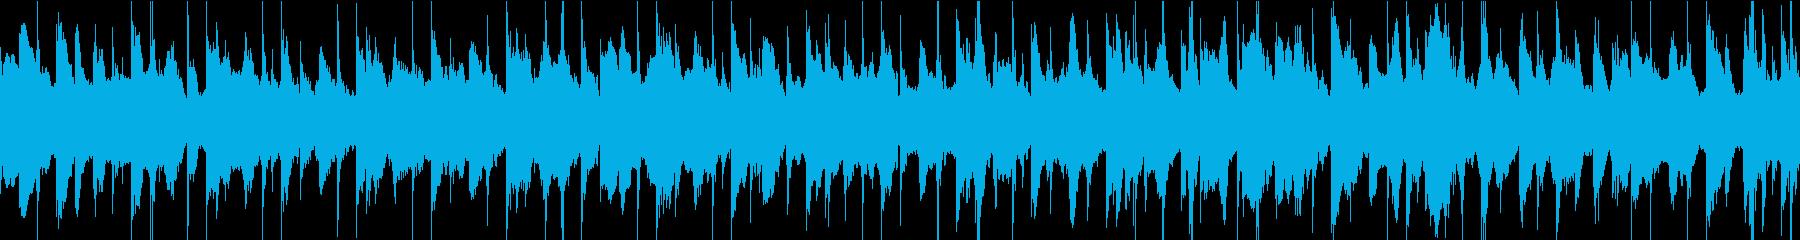 怪しいエスニック調のBGM(ループ)の再生済みの波形